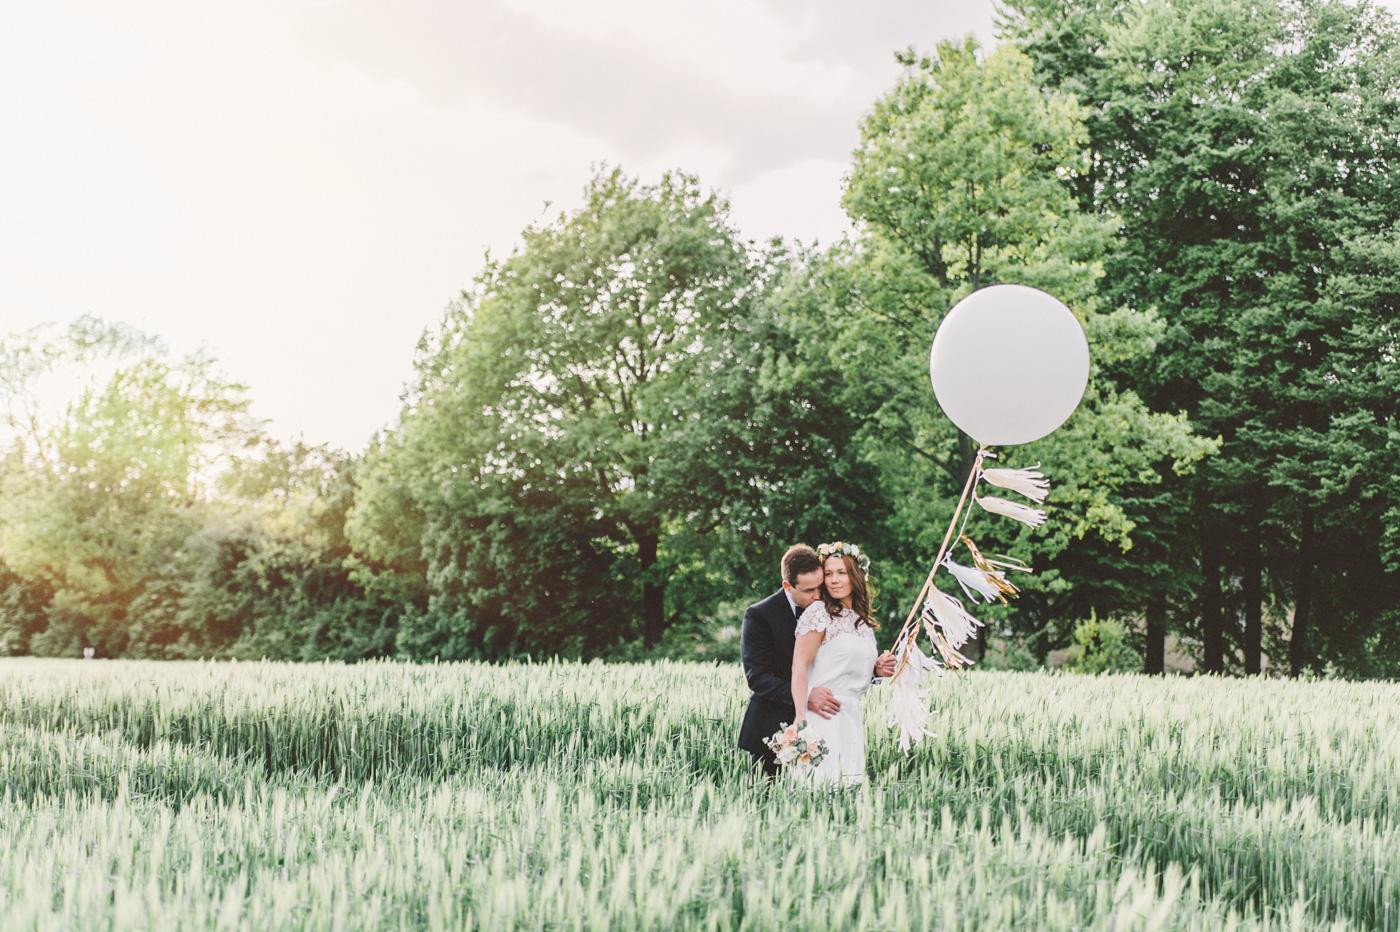 diy-wedding-nothenhof--122